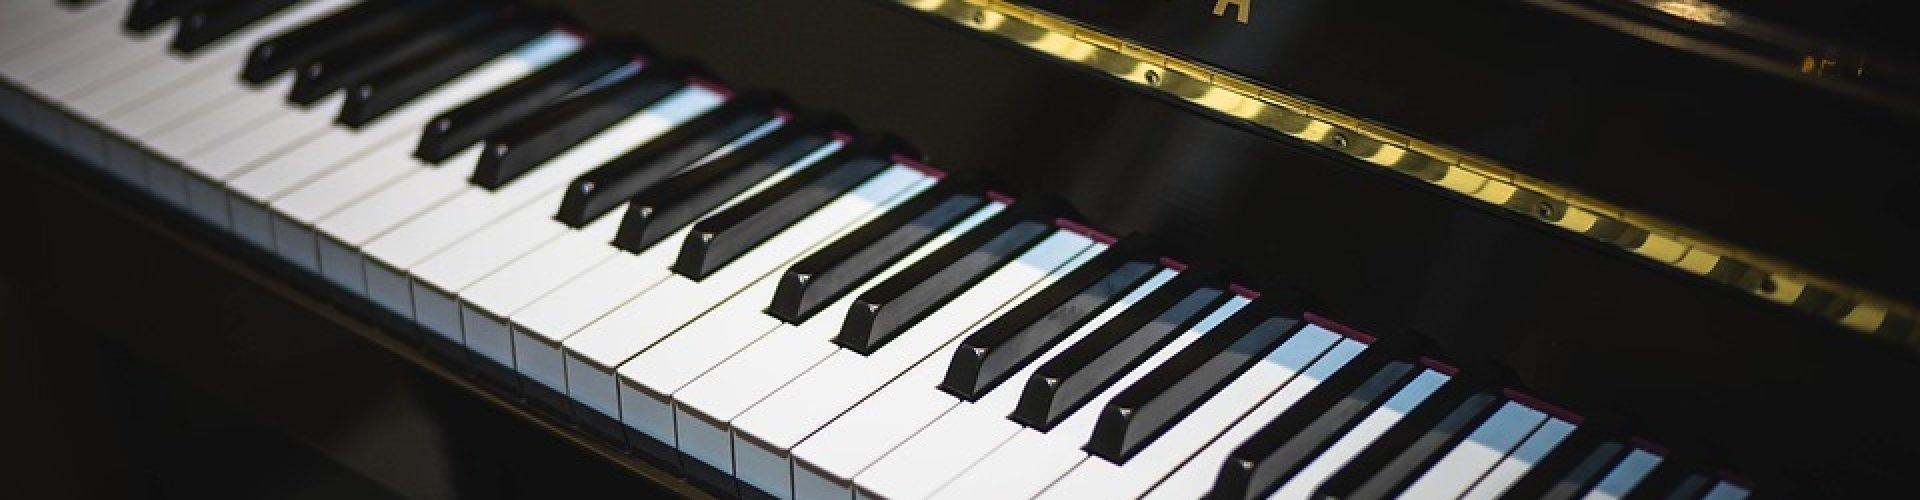 pianolessen voor beginners en gevorderden